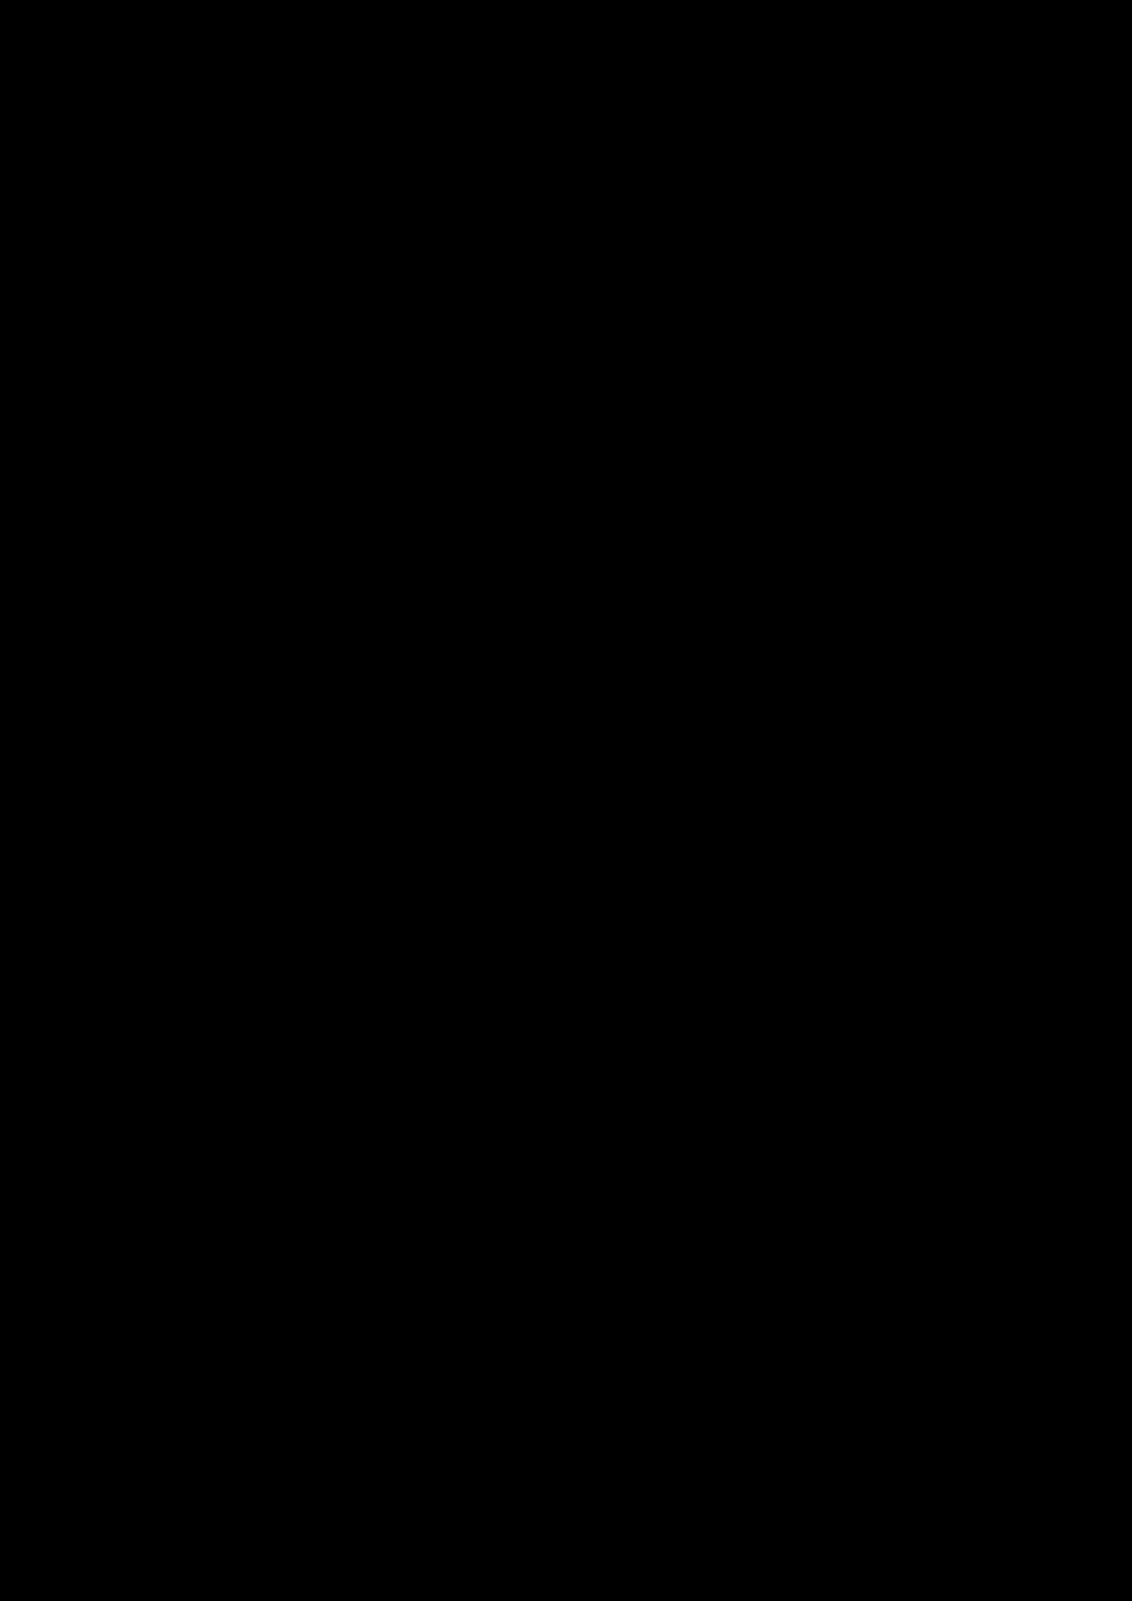 Proschanie s volshebnoy stranoy slide, Image 90